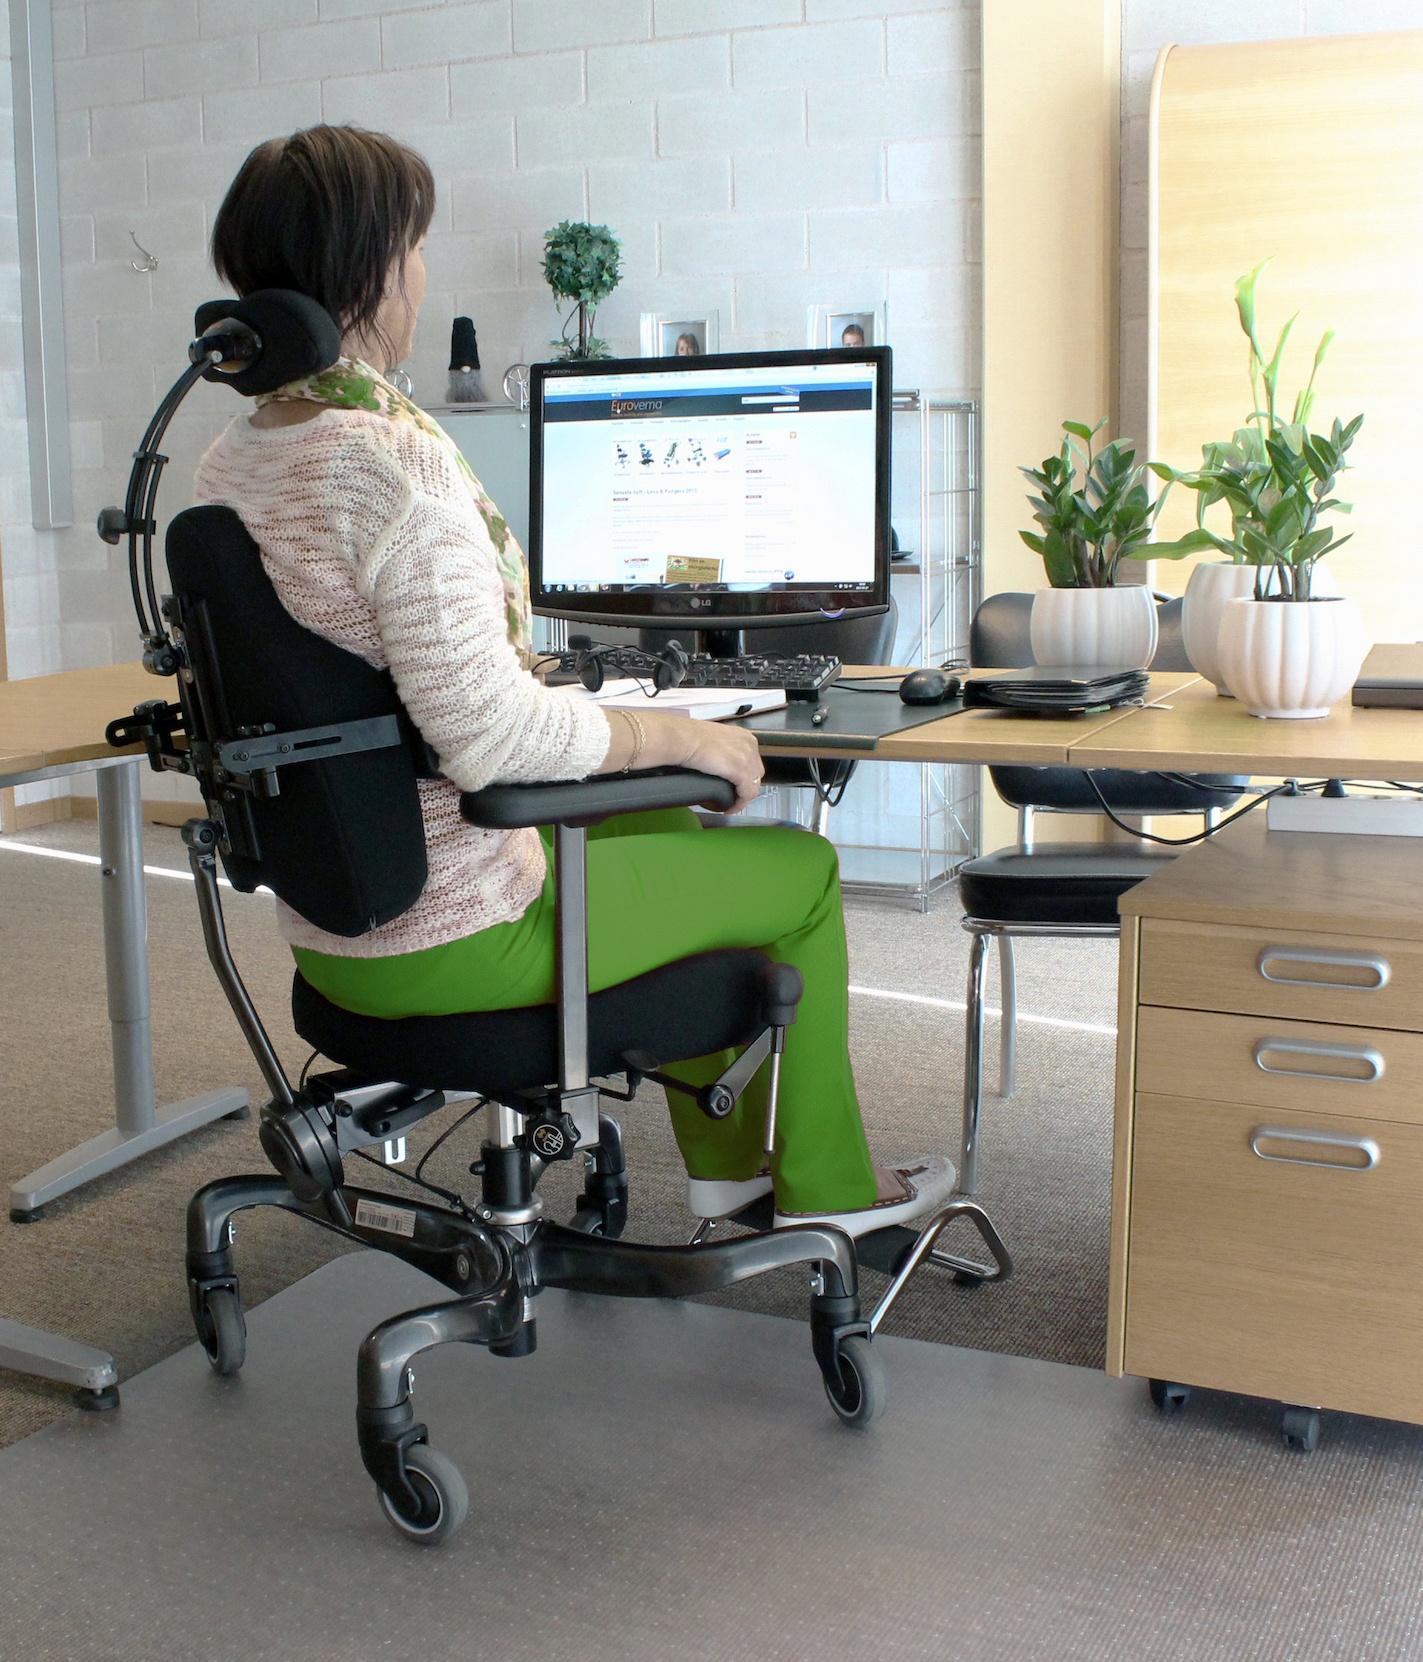 elektrische trippelstoel kopen